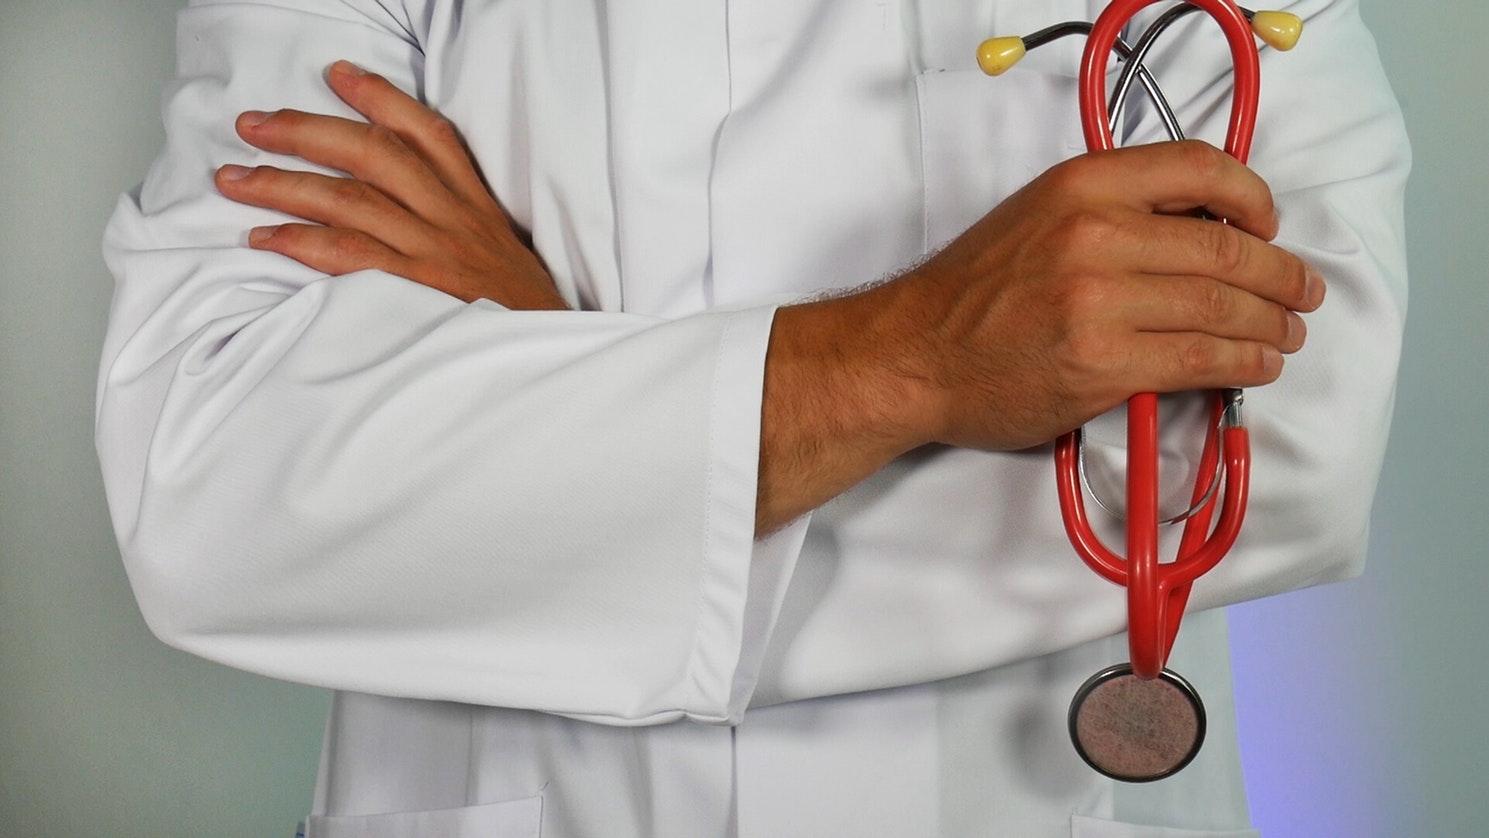 Seguro de saúde – O que ter em conta?